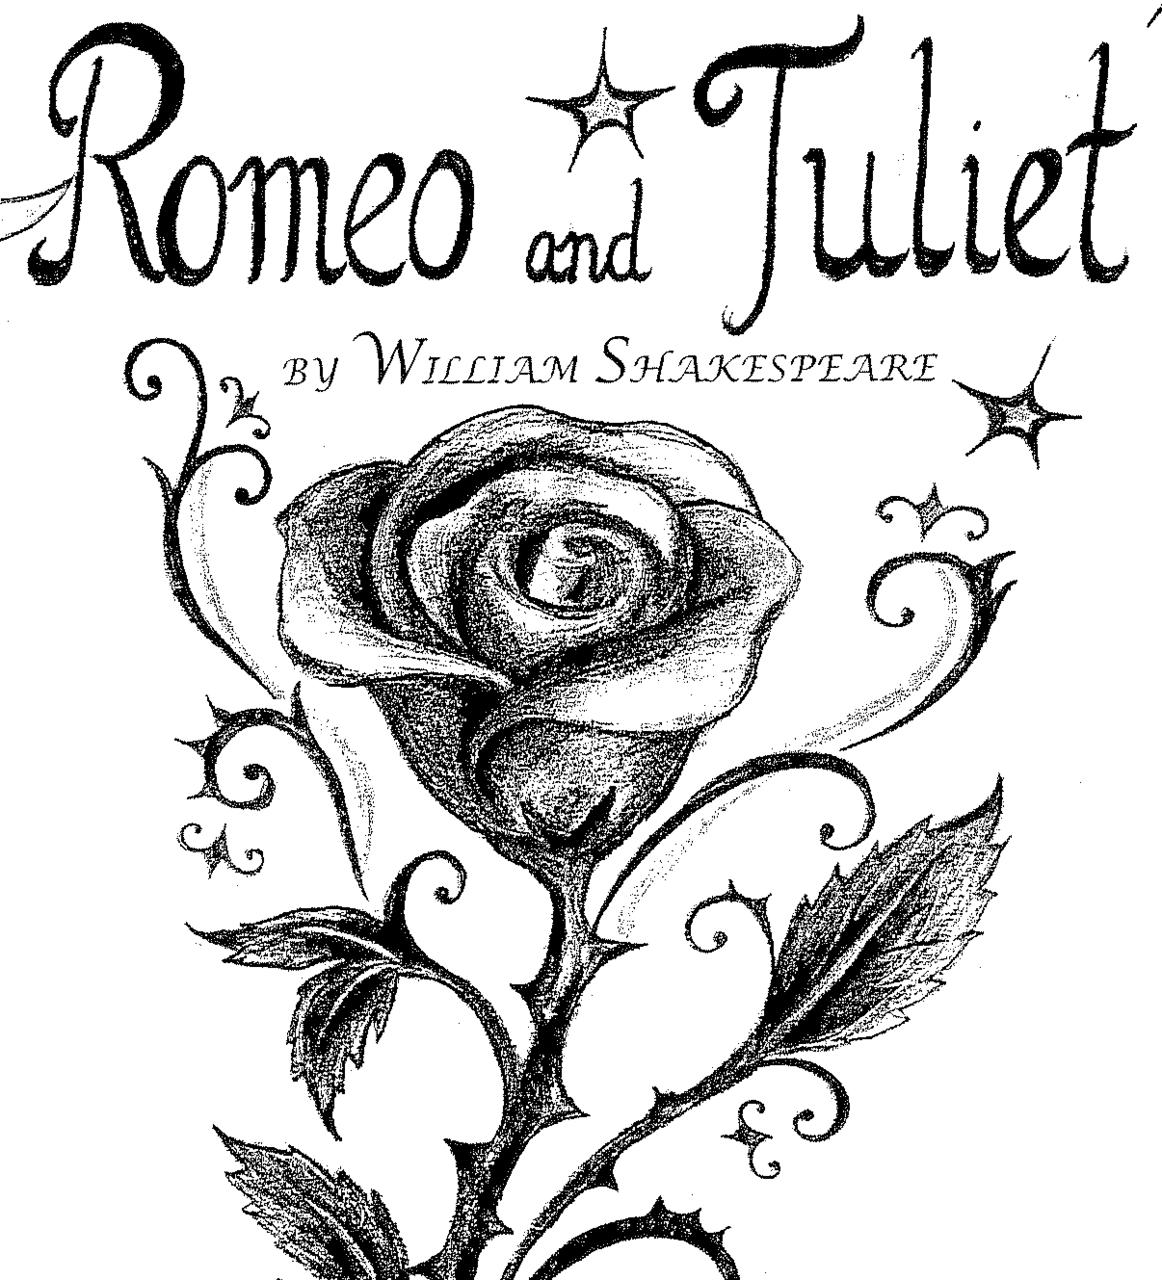 рождаются рисунок ромео и джульетта раскраска декёнинк служат